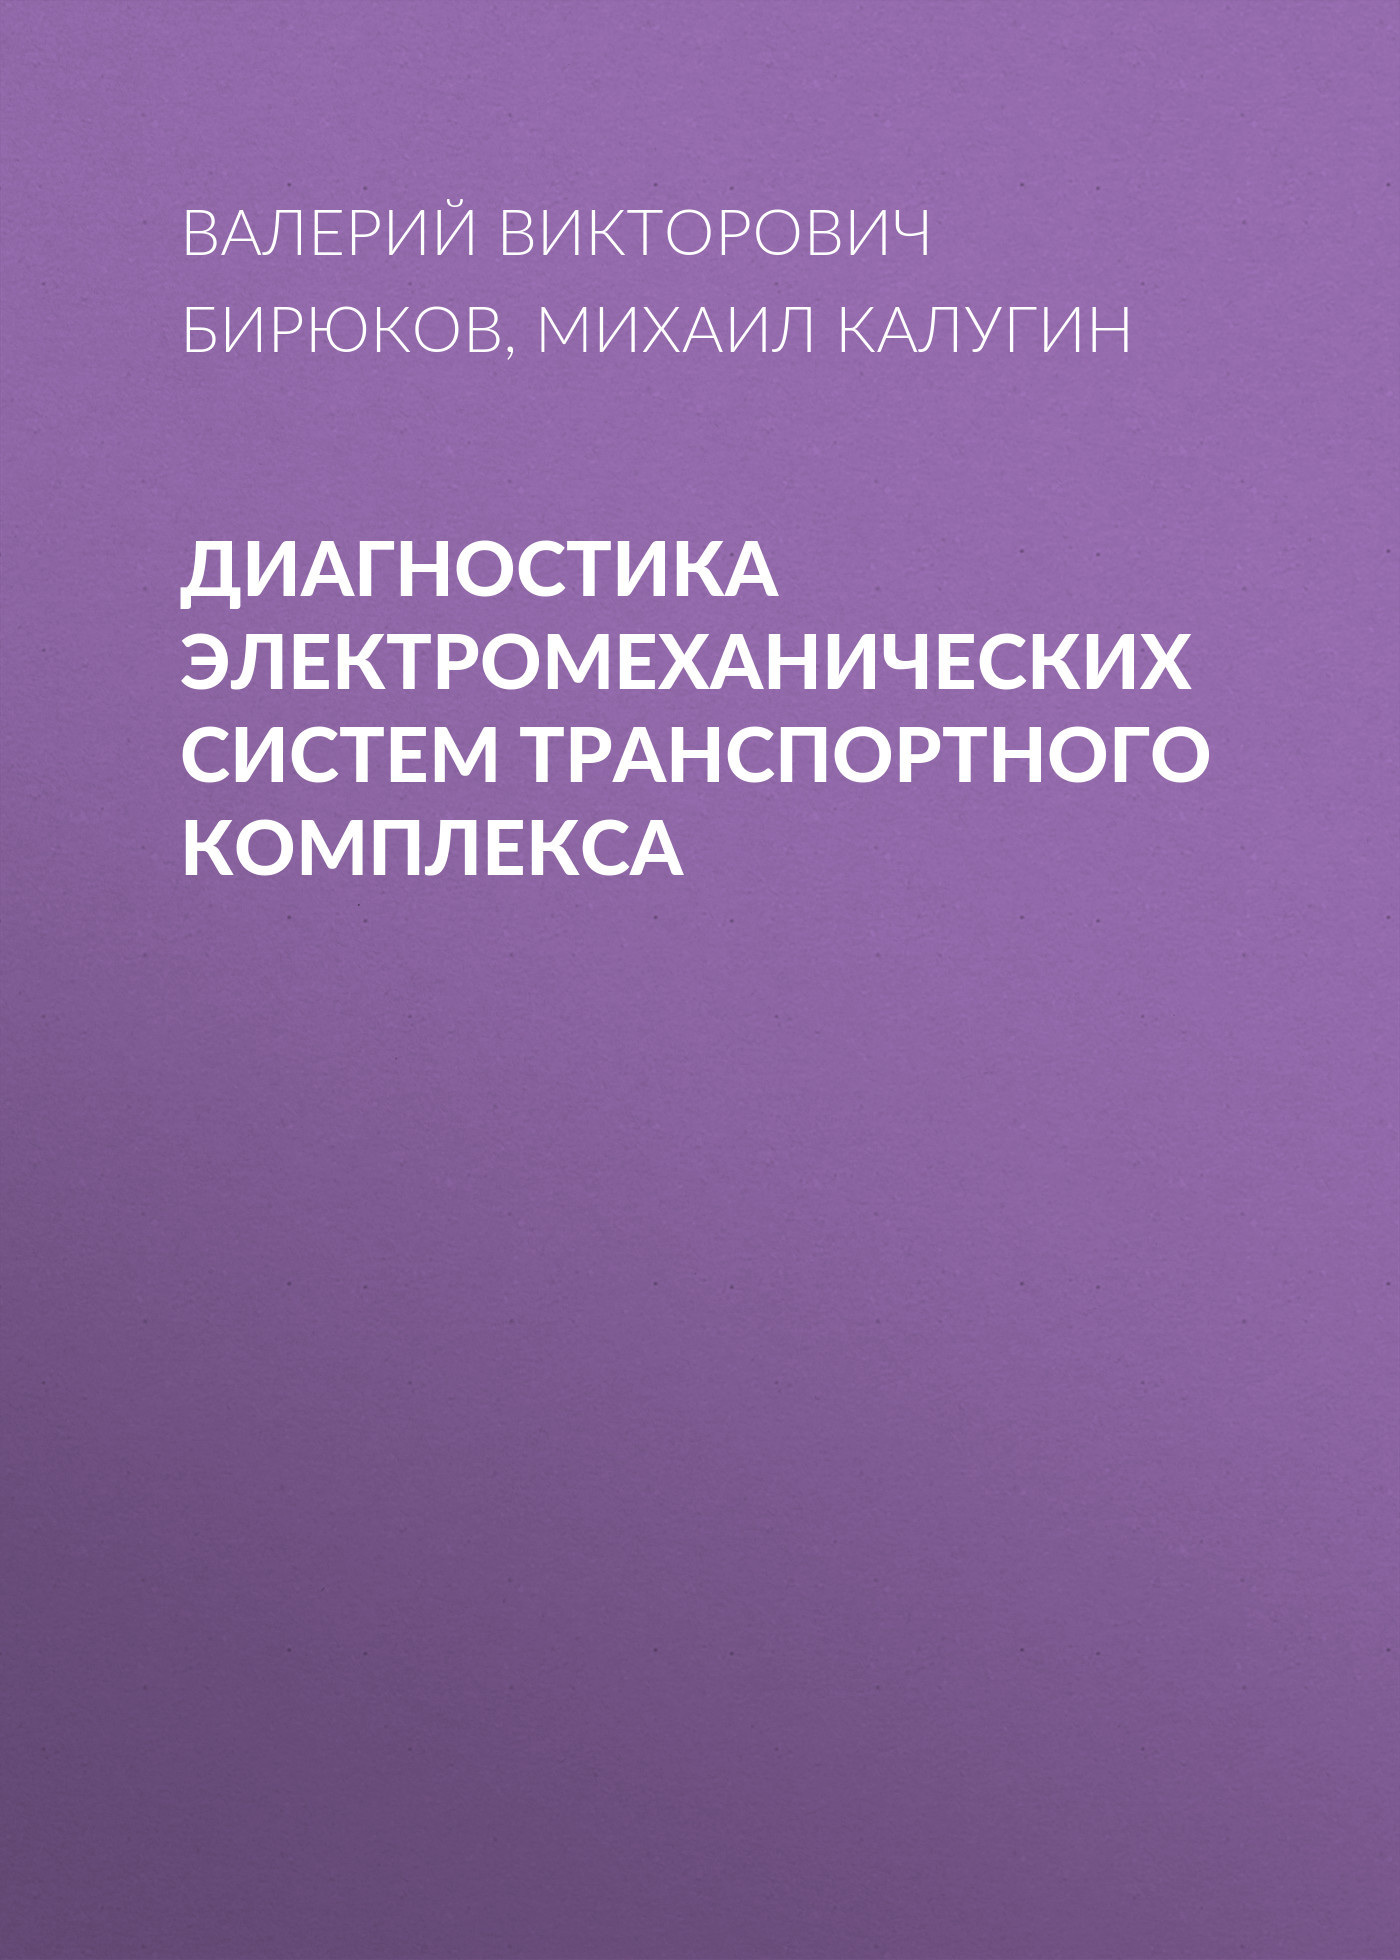 Валерий Викторович Бирюков Диагностика электромеханических систем транспортного комплекса экономичность и энергоемкость городского транспорта